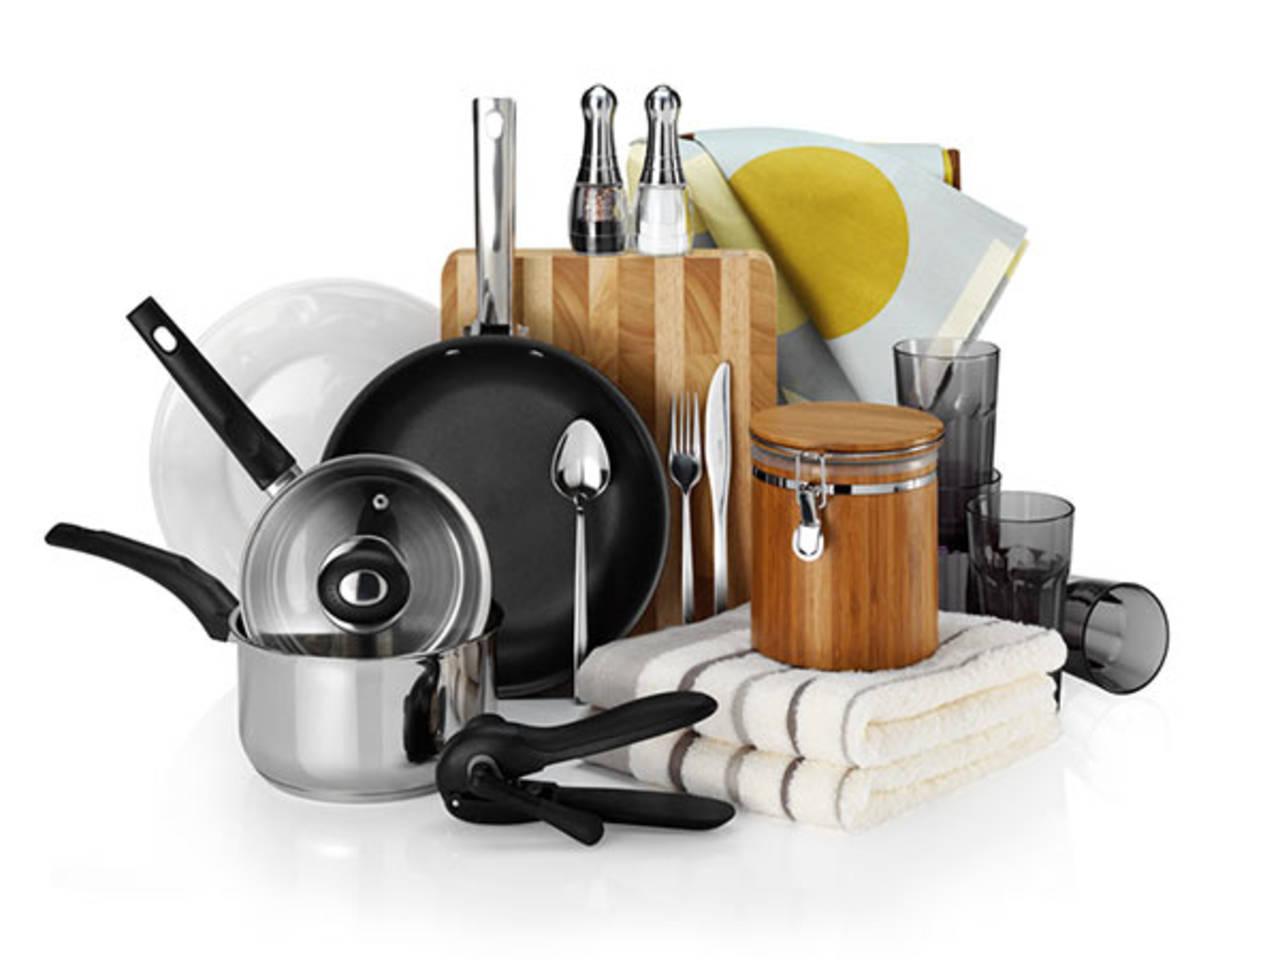 Trade Show | Housewares Shows